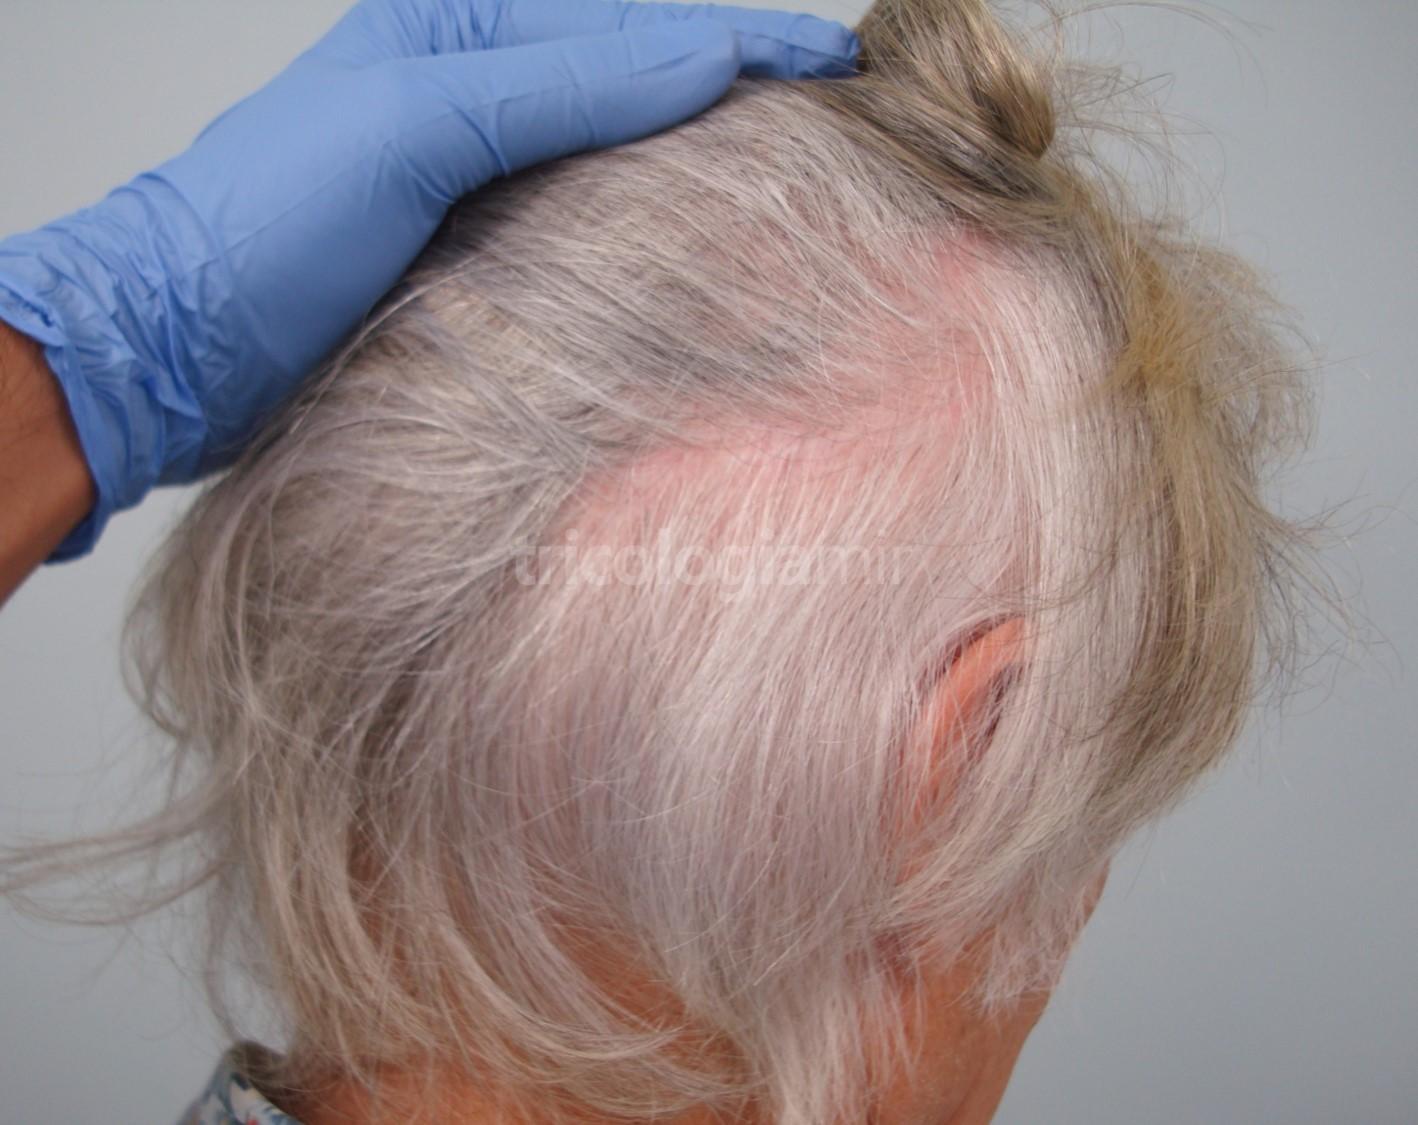 Se observa la cicatriz de la tira prácticamente imperceptible a los 12 meses de la intervención